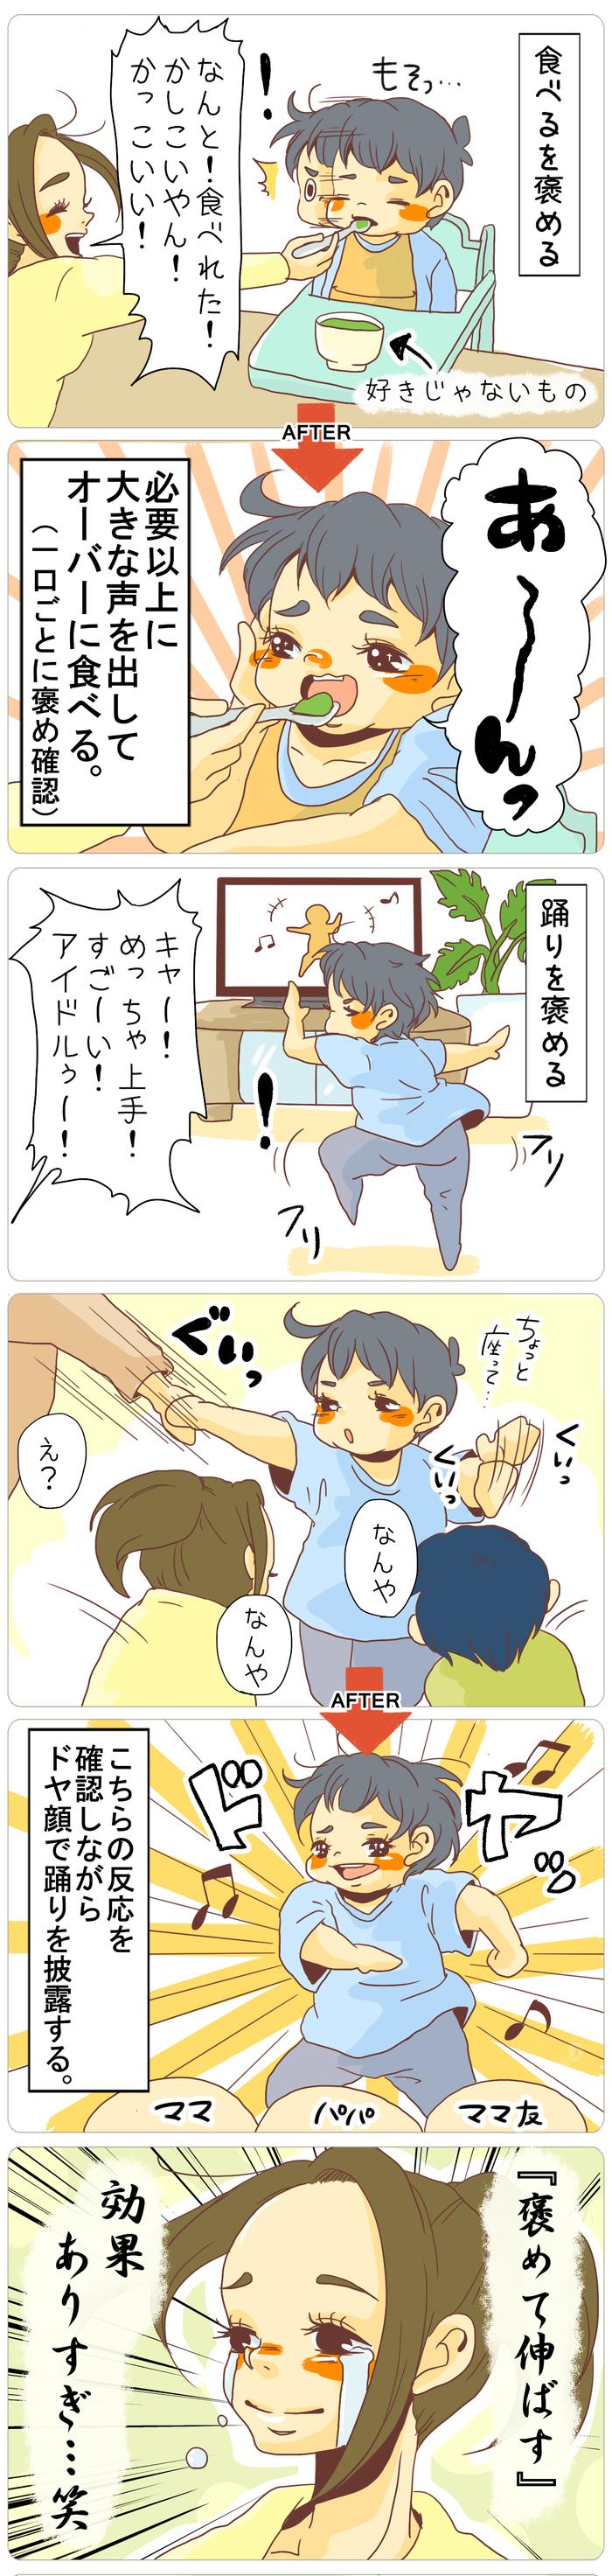 こんなに違うなんて!息子に「褒めて伸ばす」を実践した結果…(笑)の画像2